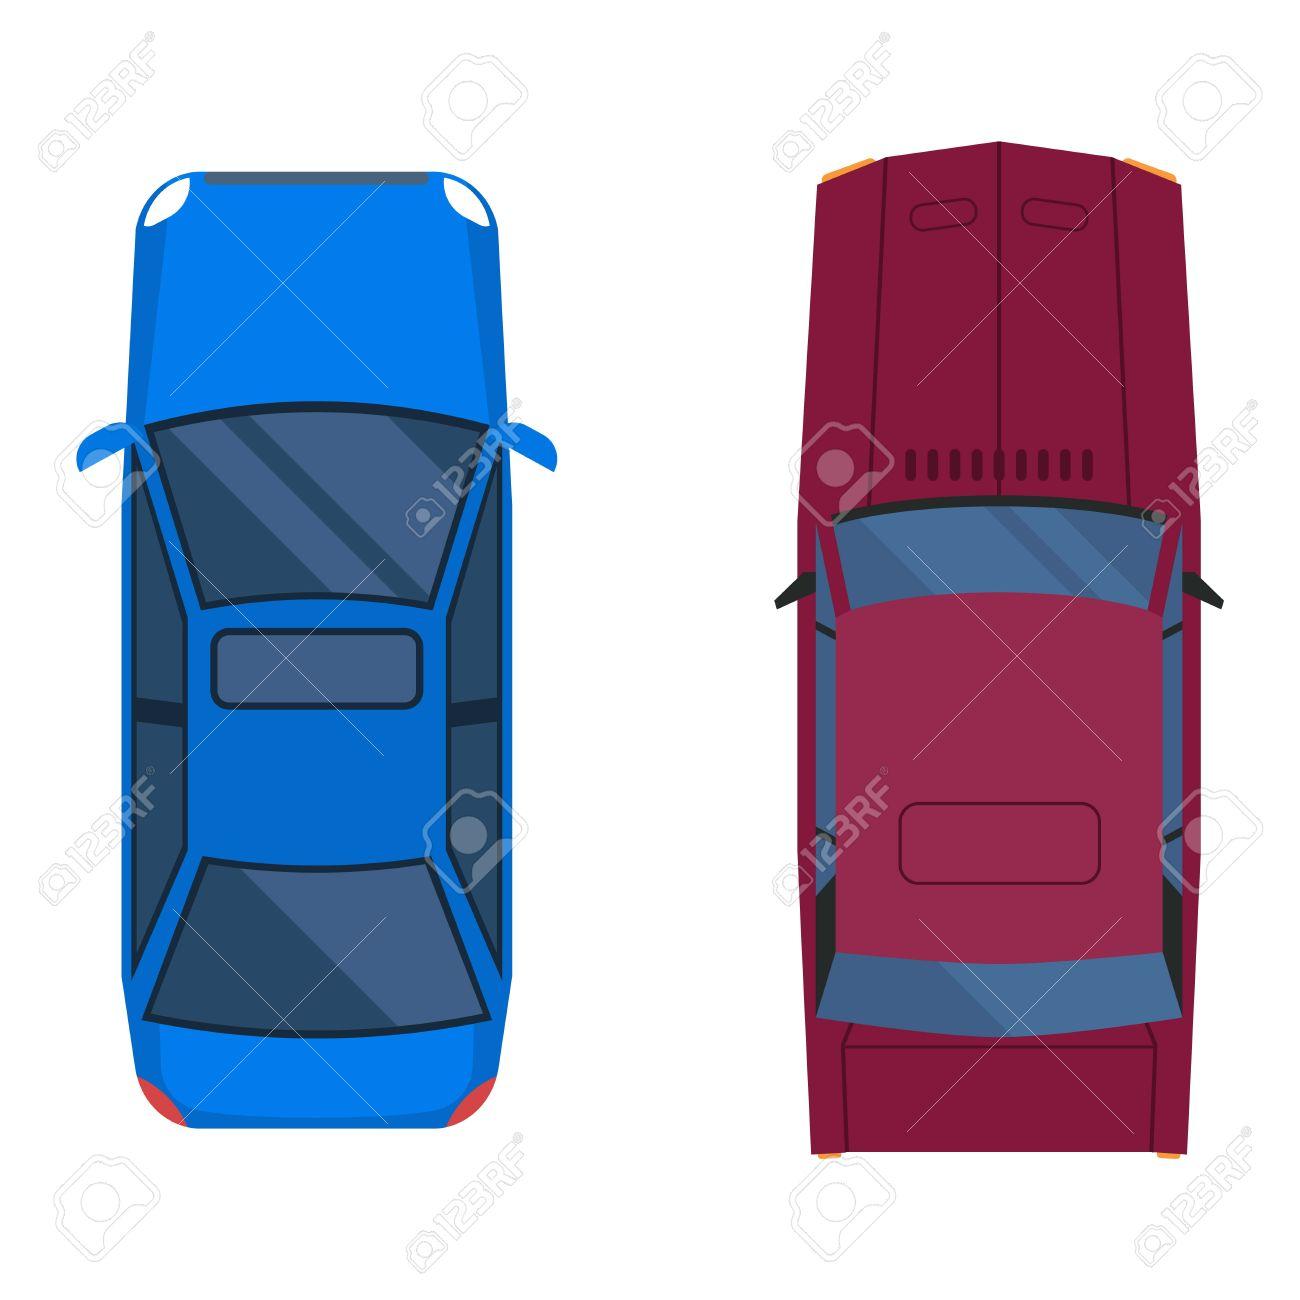 Auto von oben clipart jpg free stock Vector Autos Symbol Isoliert. Von Oben Auto Draufsicht ... jpg free stock